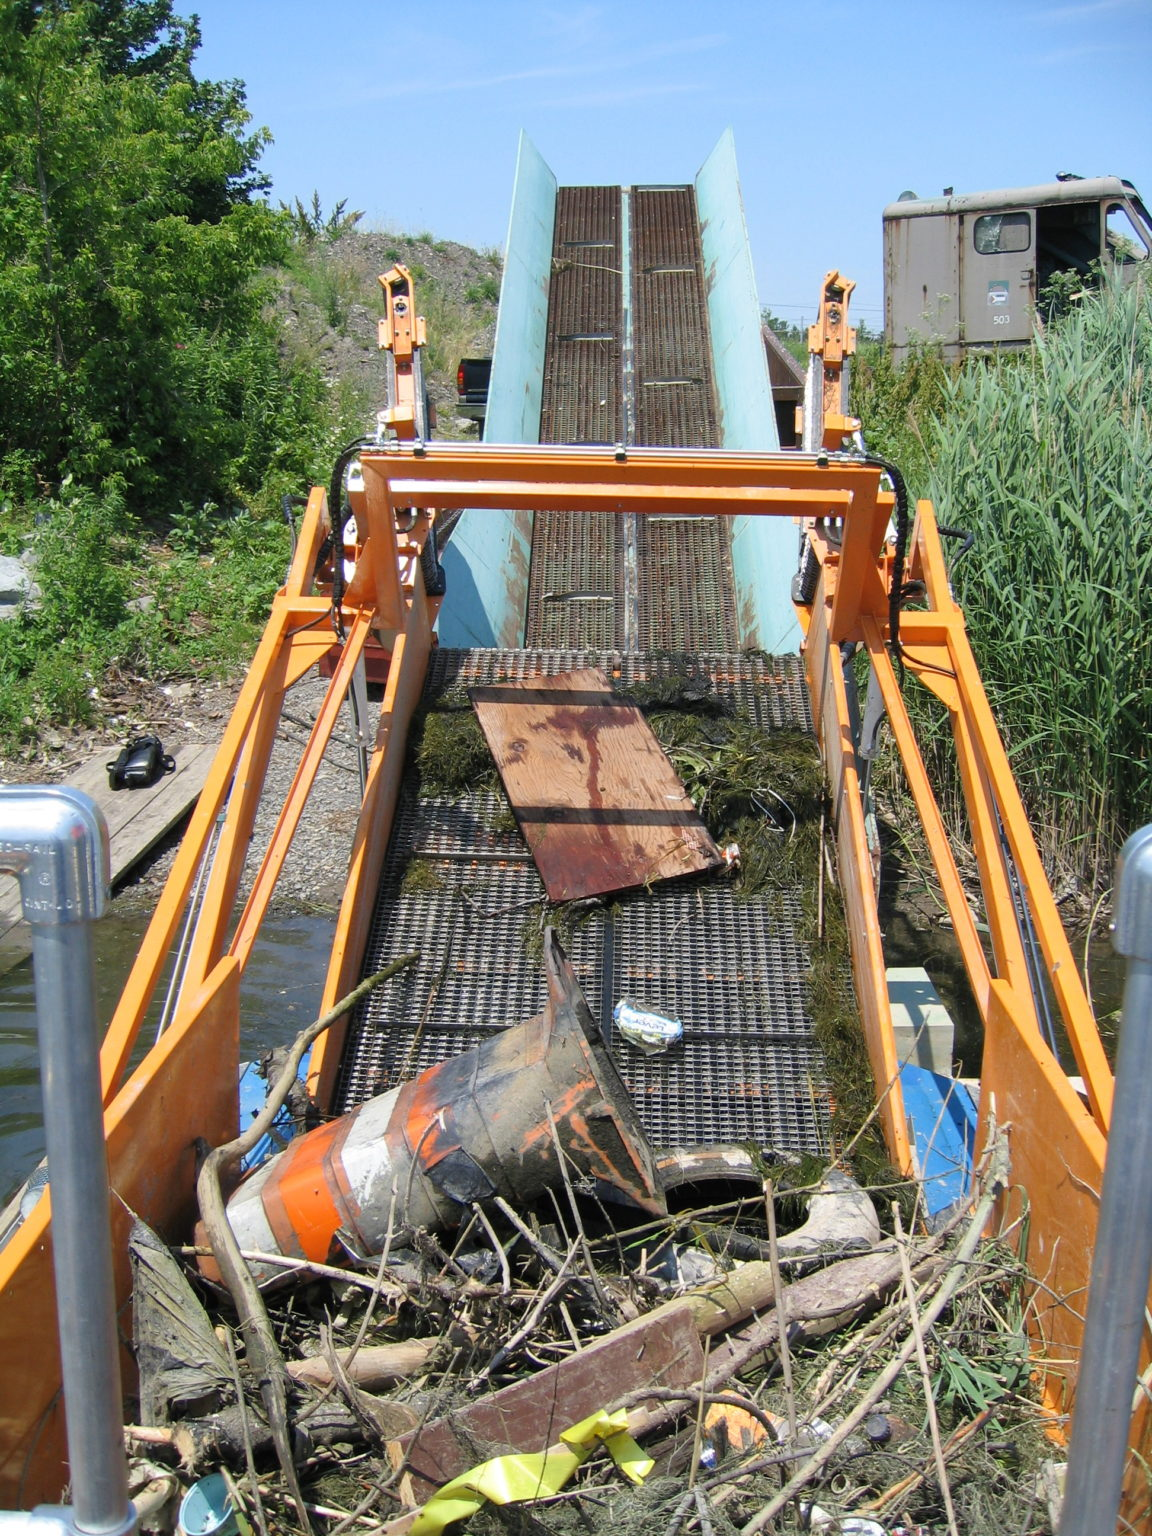 MC 202 off loading debris with a conveyor